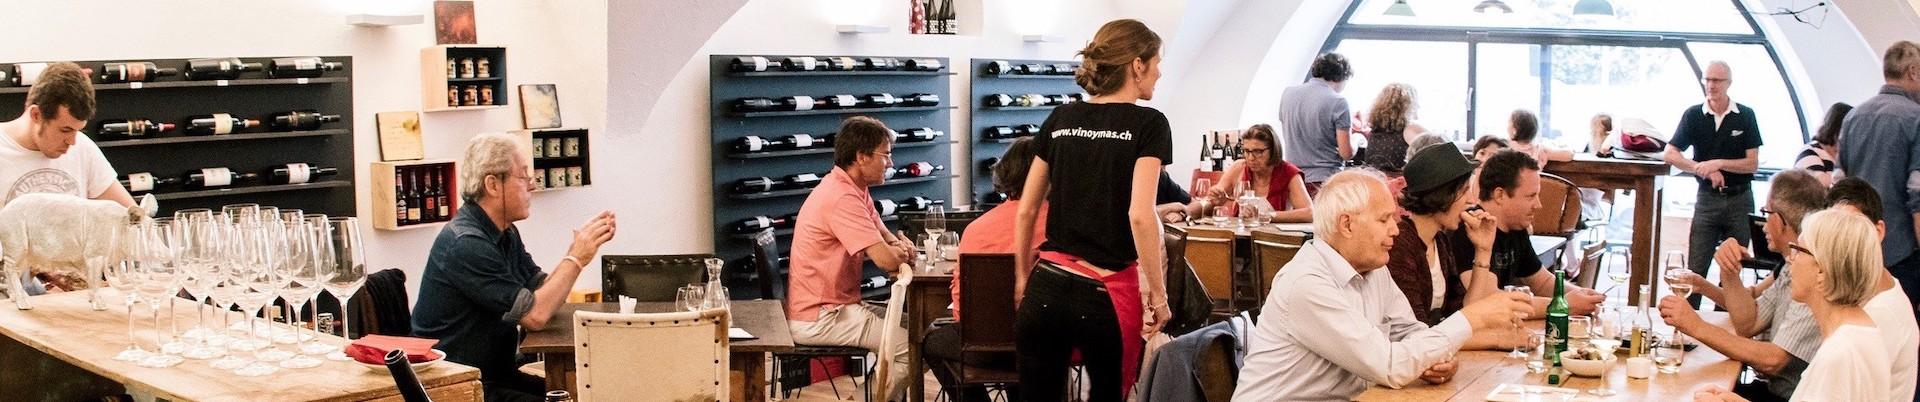 Vino y Más GmbH | WeinUndMehr Restaurant